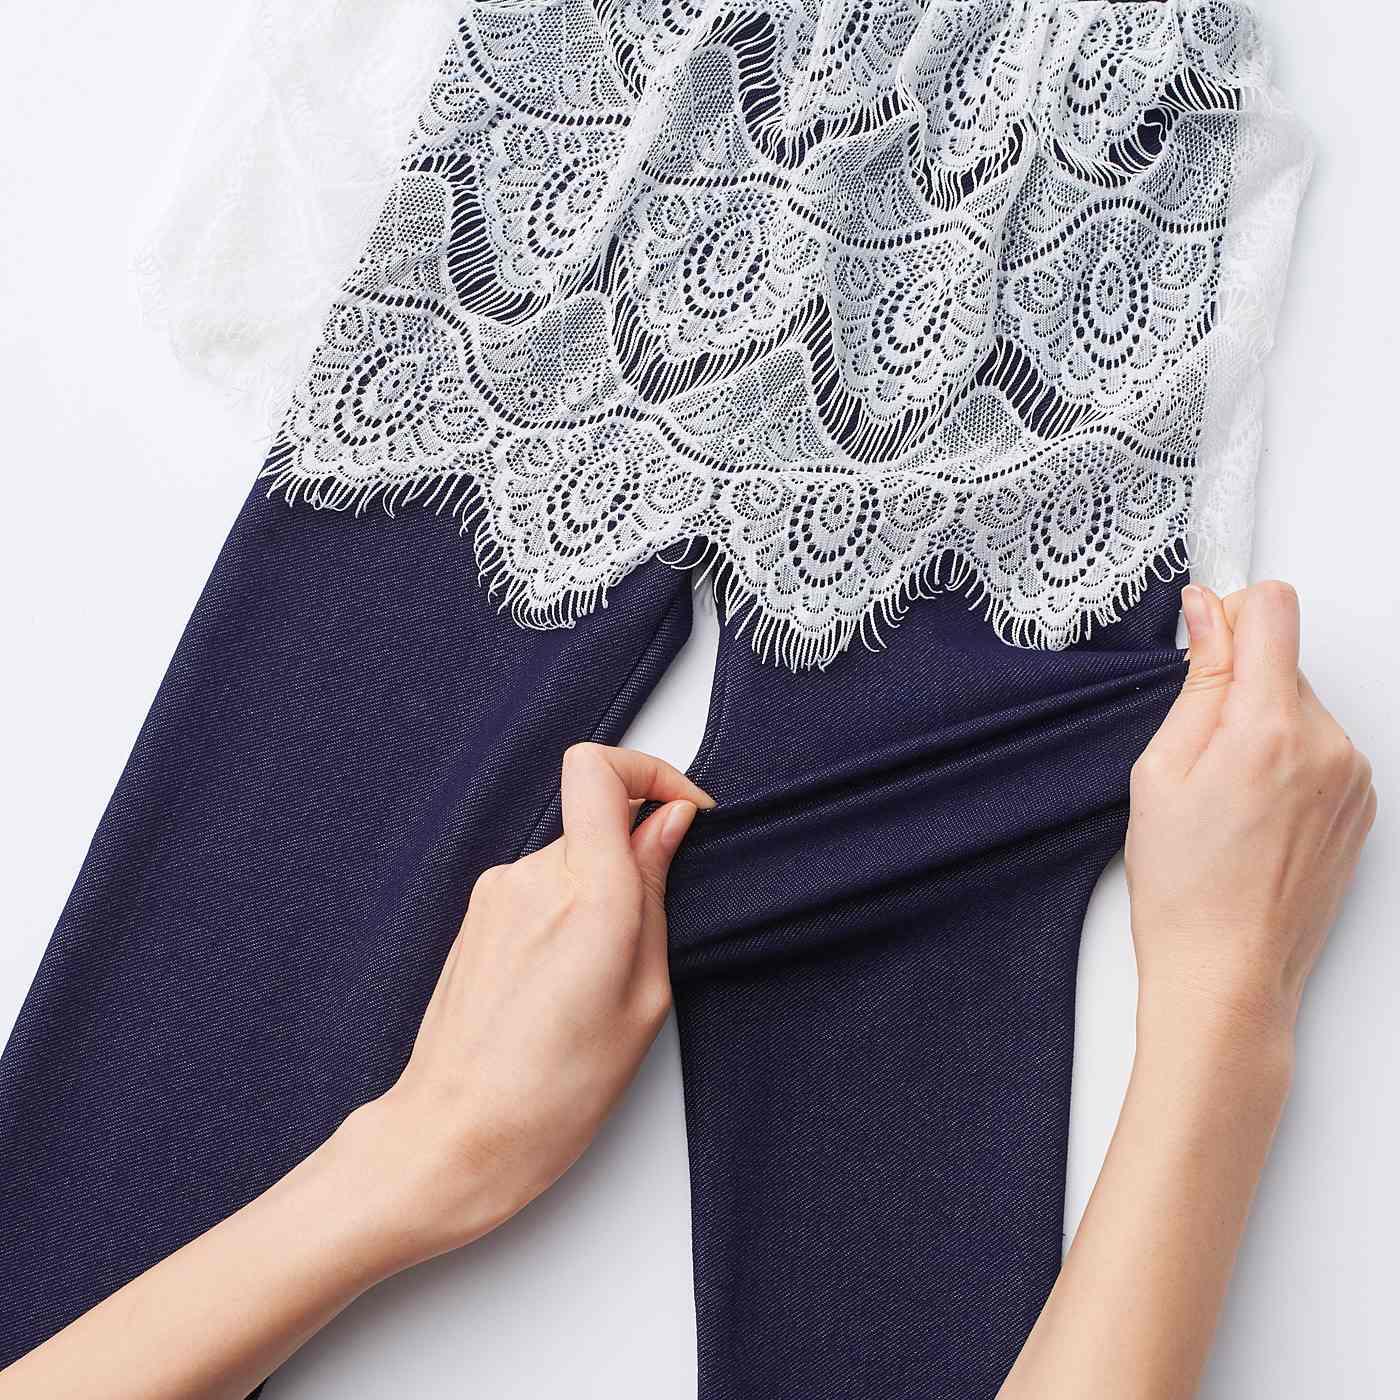 パンツ部分は伸縮性抜群! よーく伸びて、動きにフィット。